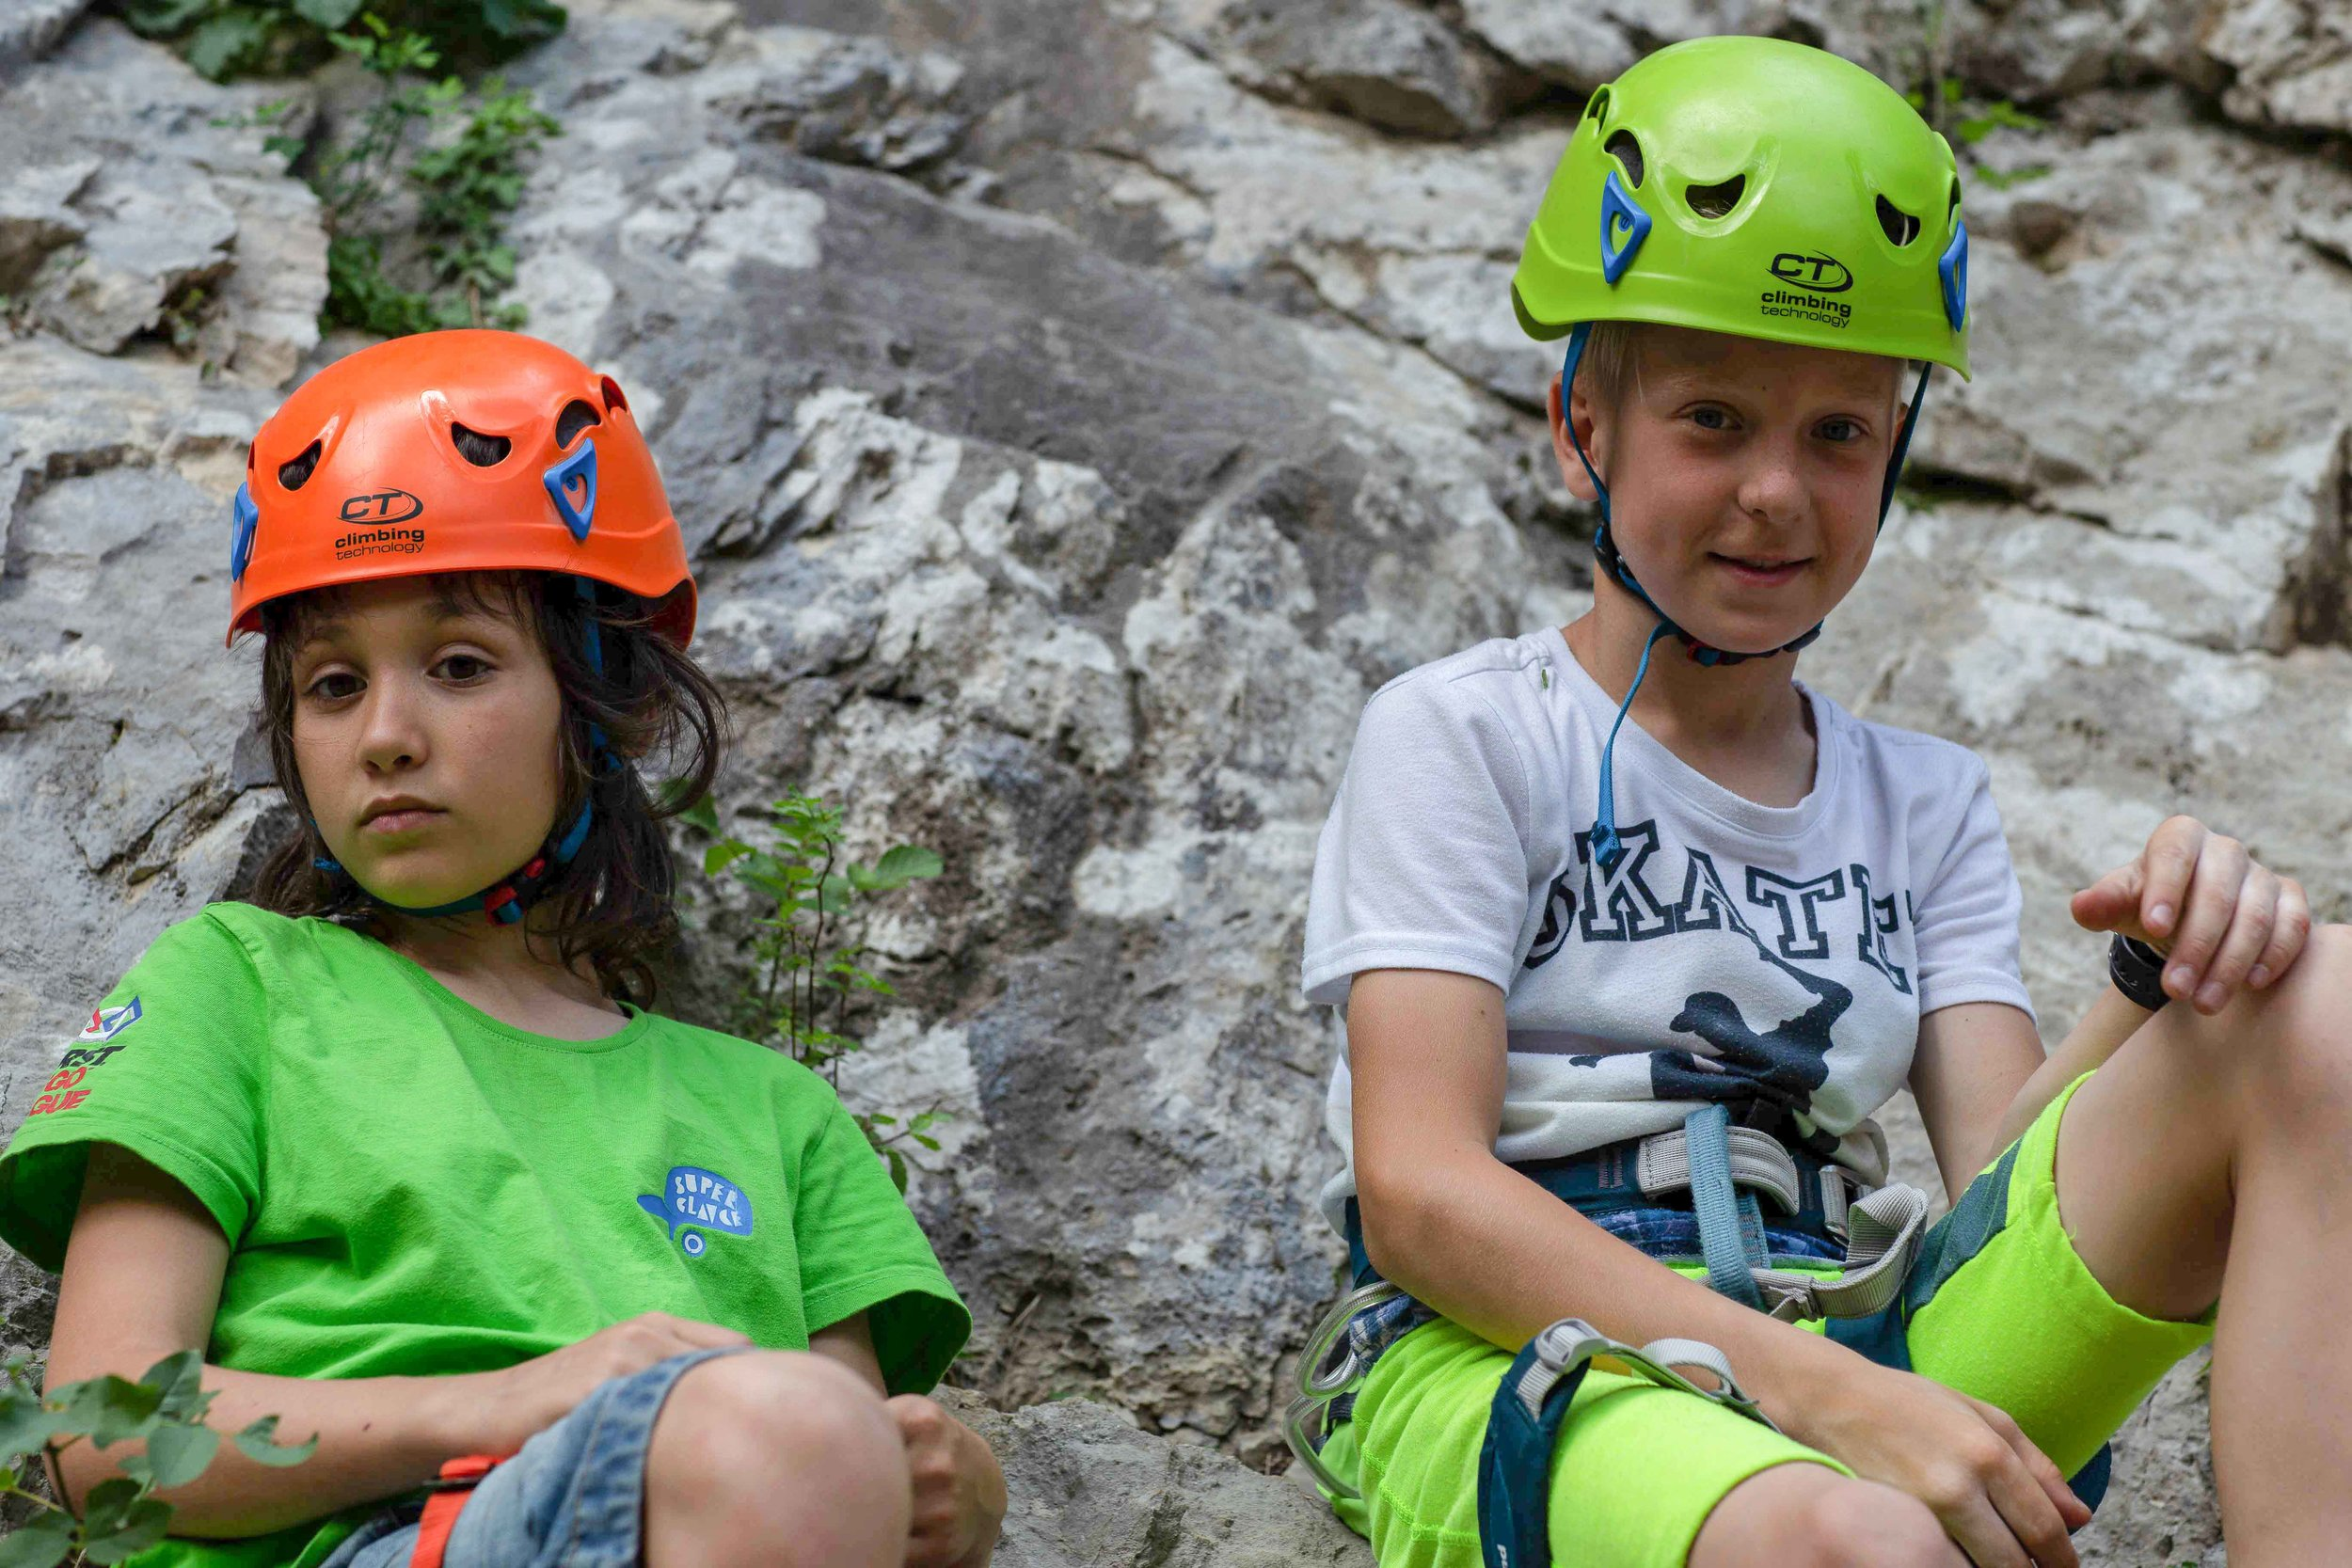 Zaključni plezalni izlet za otroke Grif_96.jpg